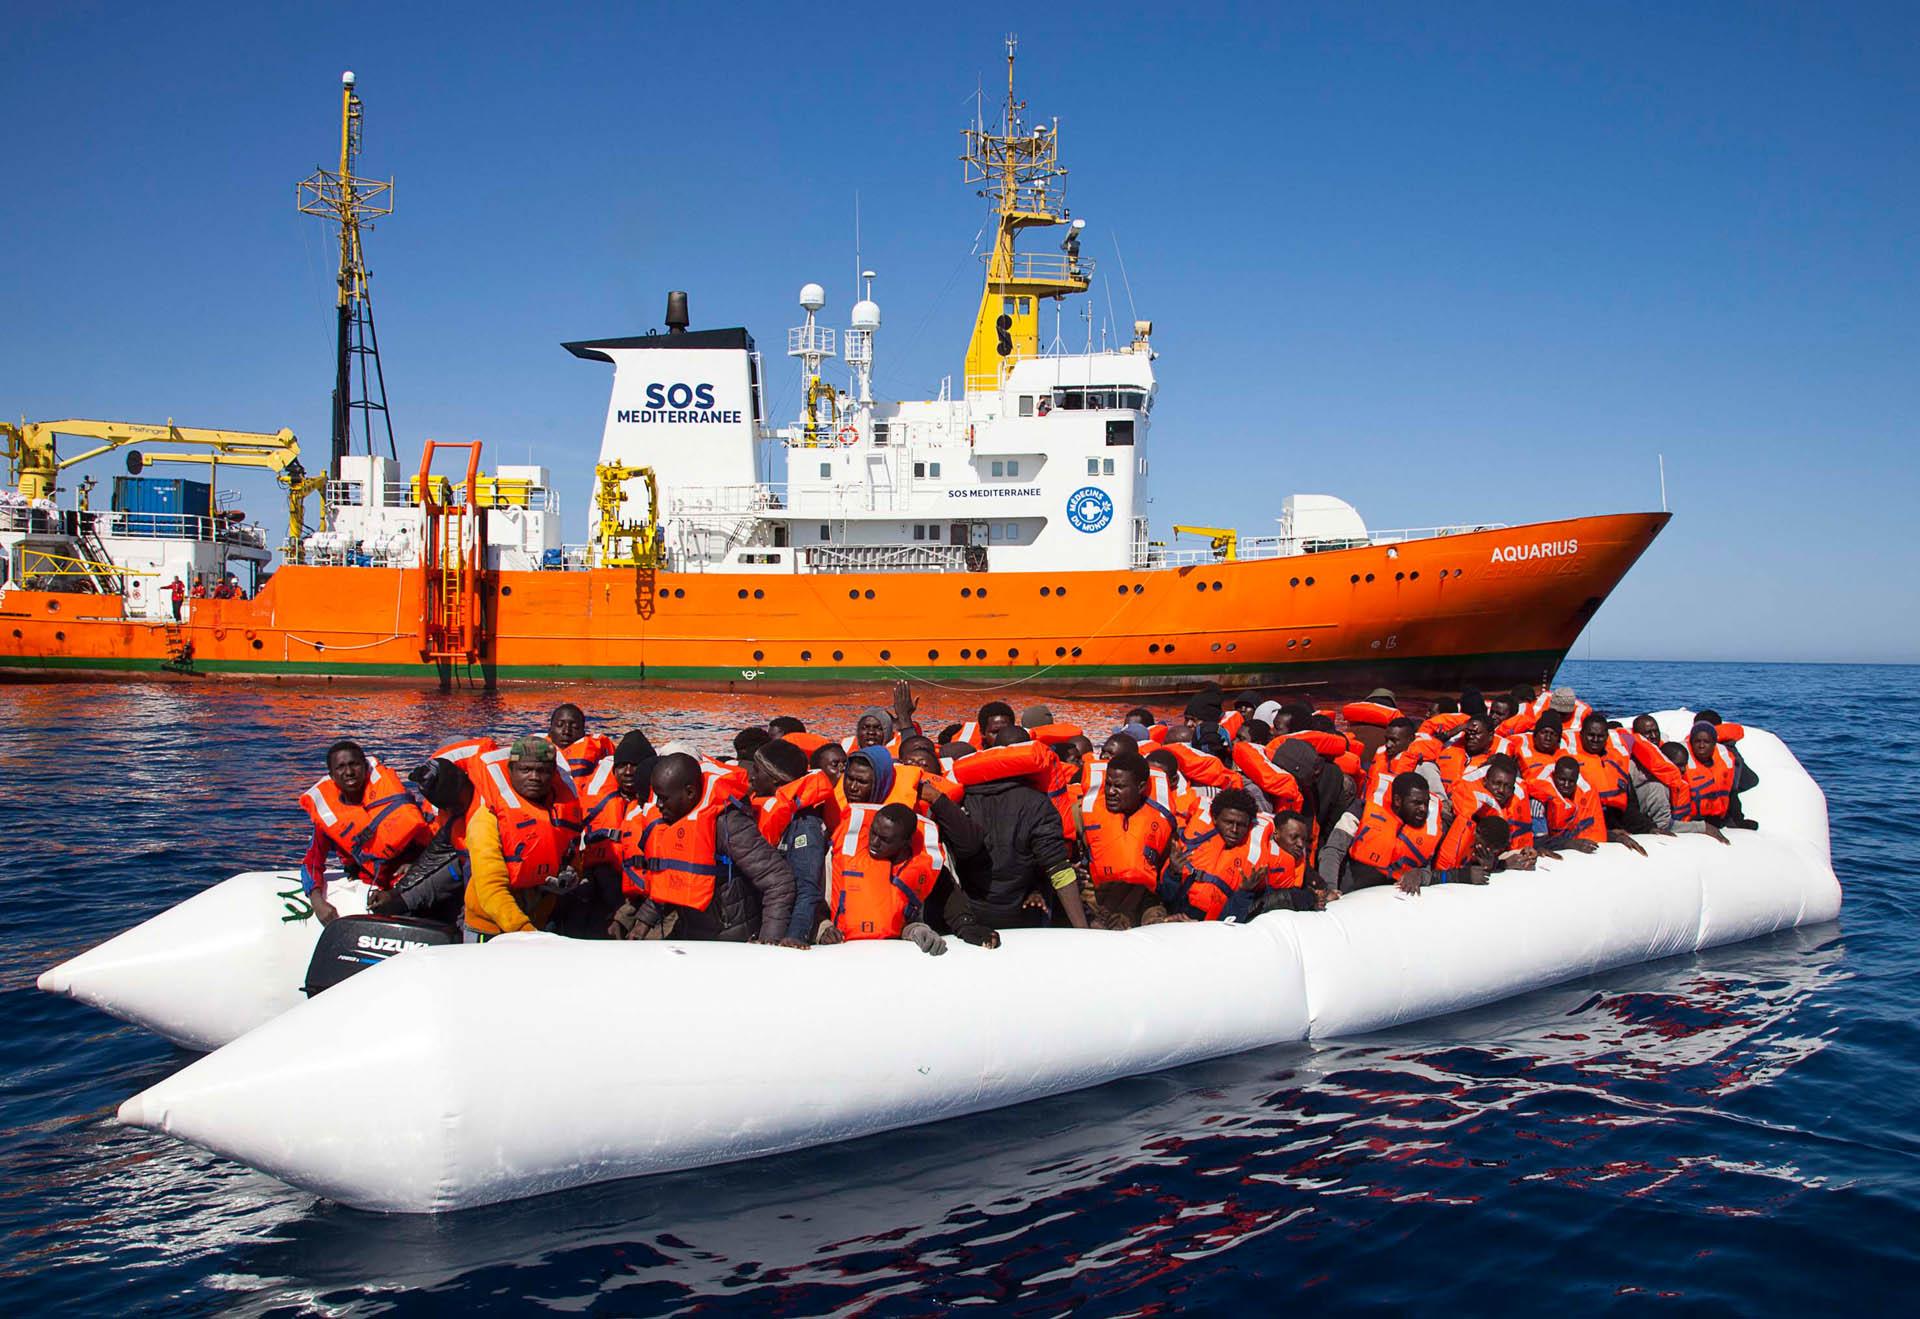 Das Rettungsschiff Aquarius startet seine Mission im Mittelmeer (Foto: Patrick Bar)